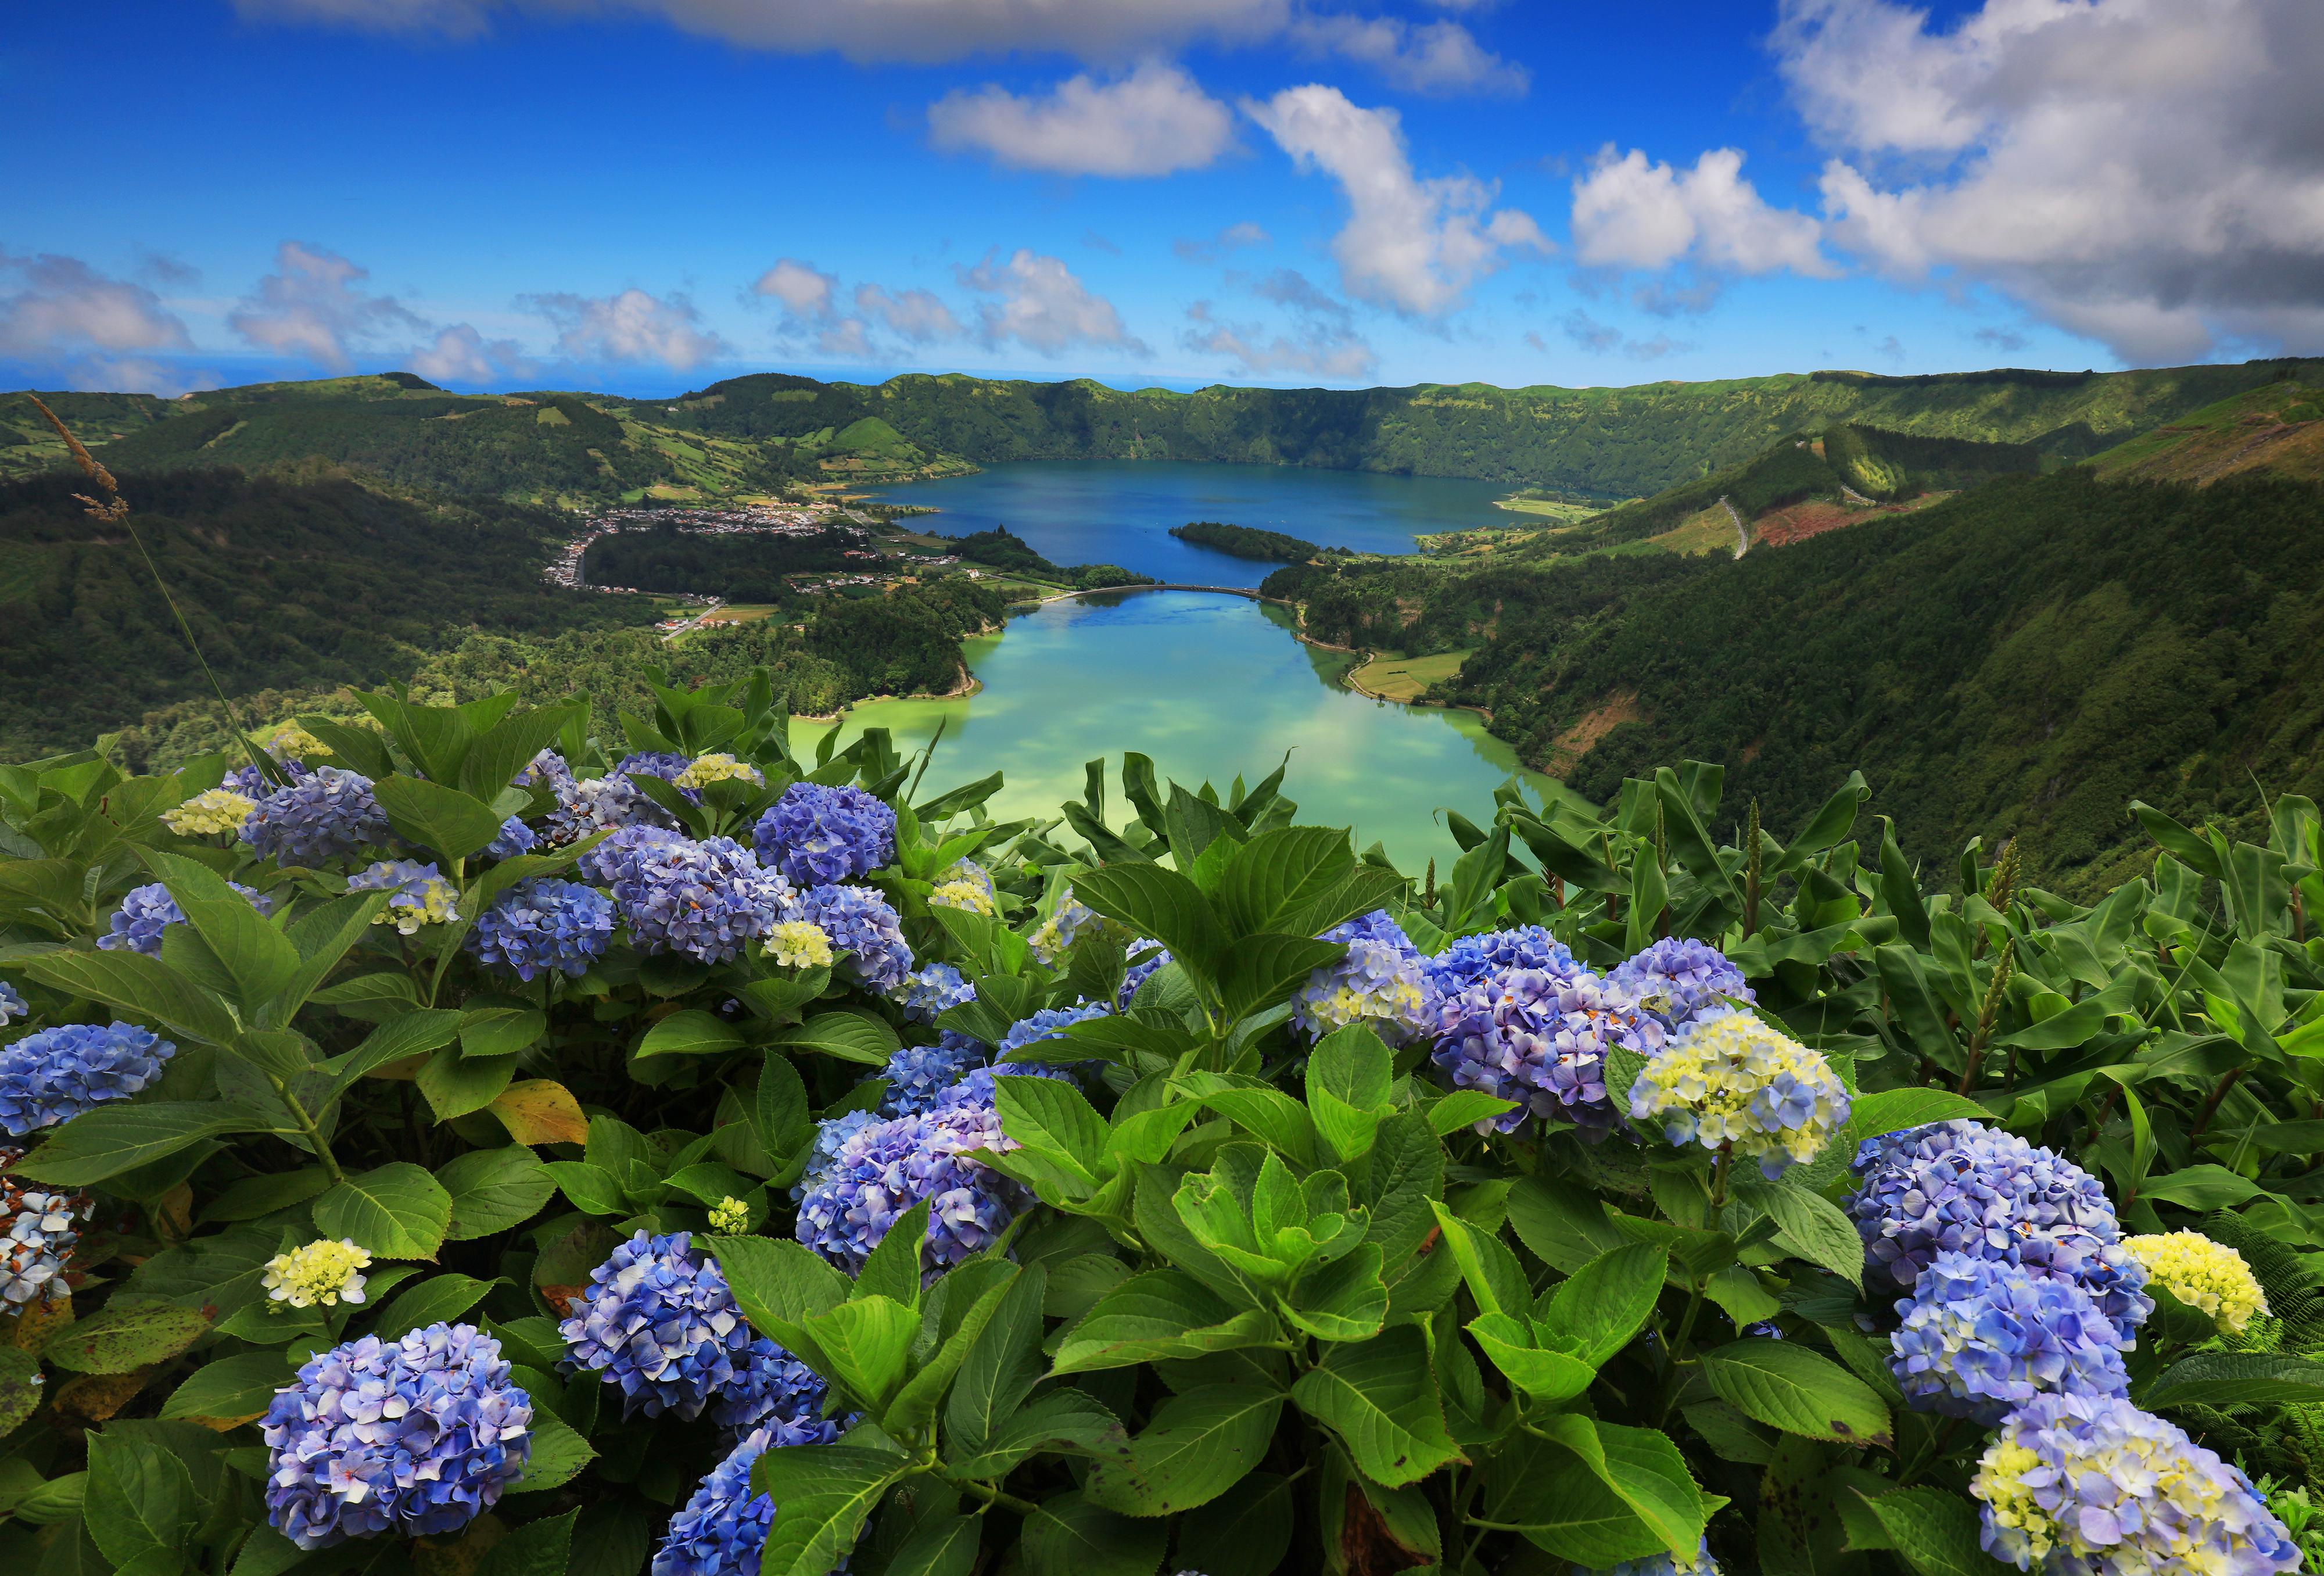 Hortênsias florescendo no Lago dos Açores